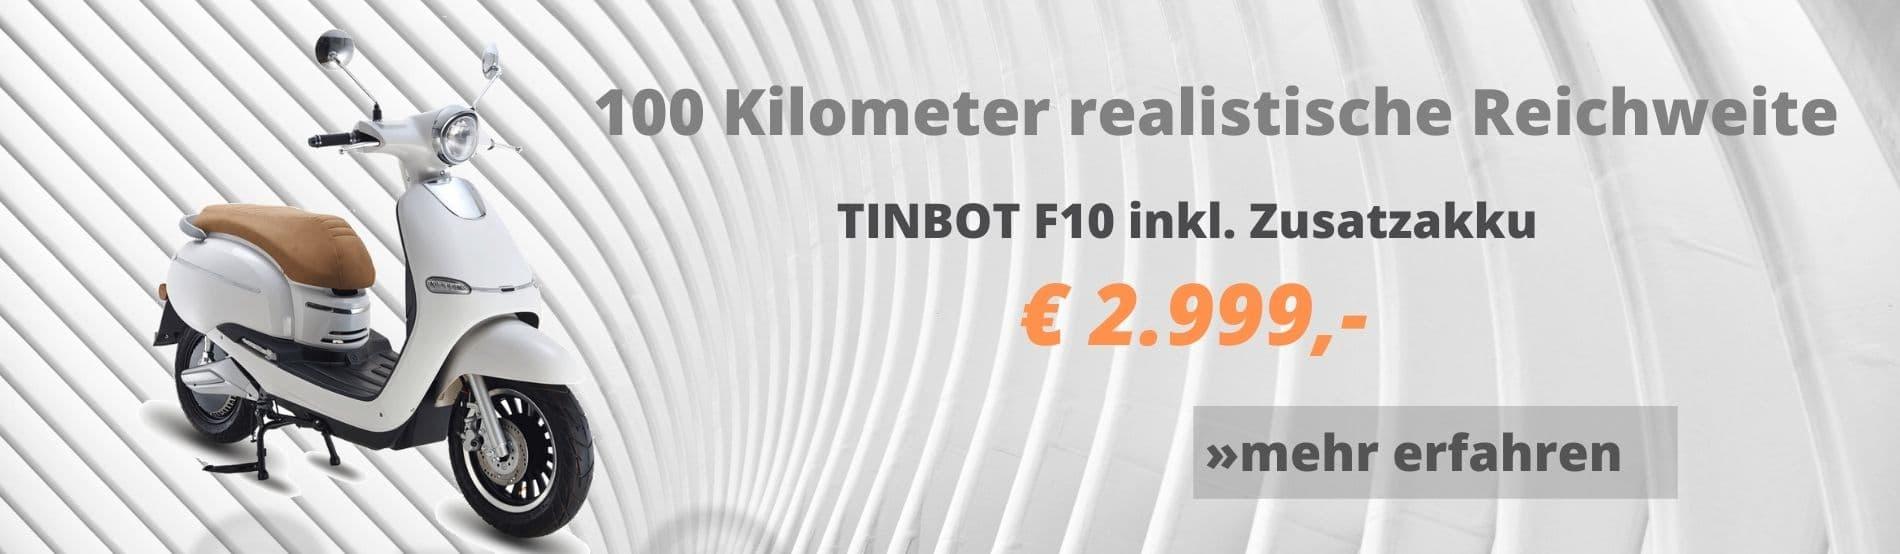 Tinbot mit zwei Akkus